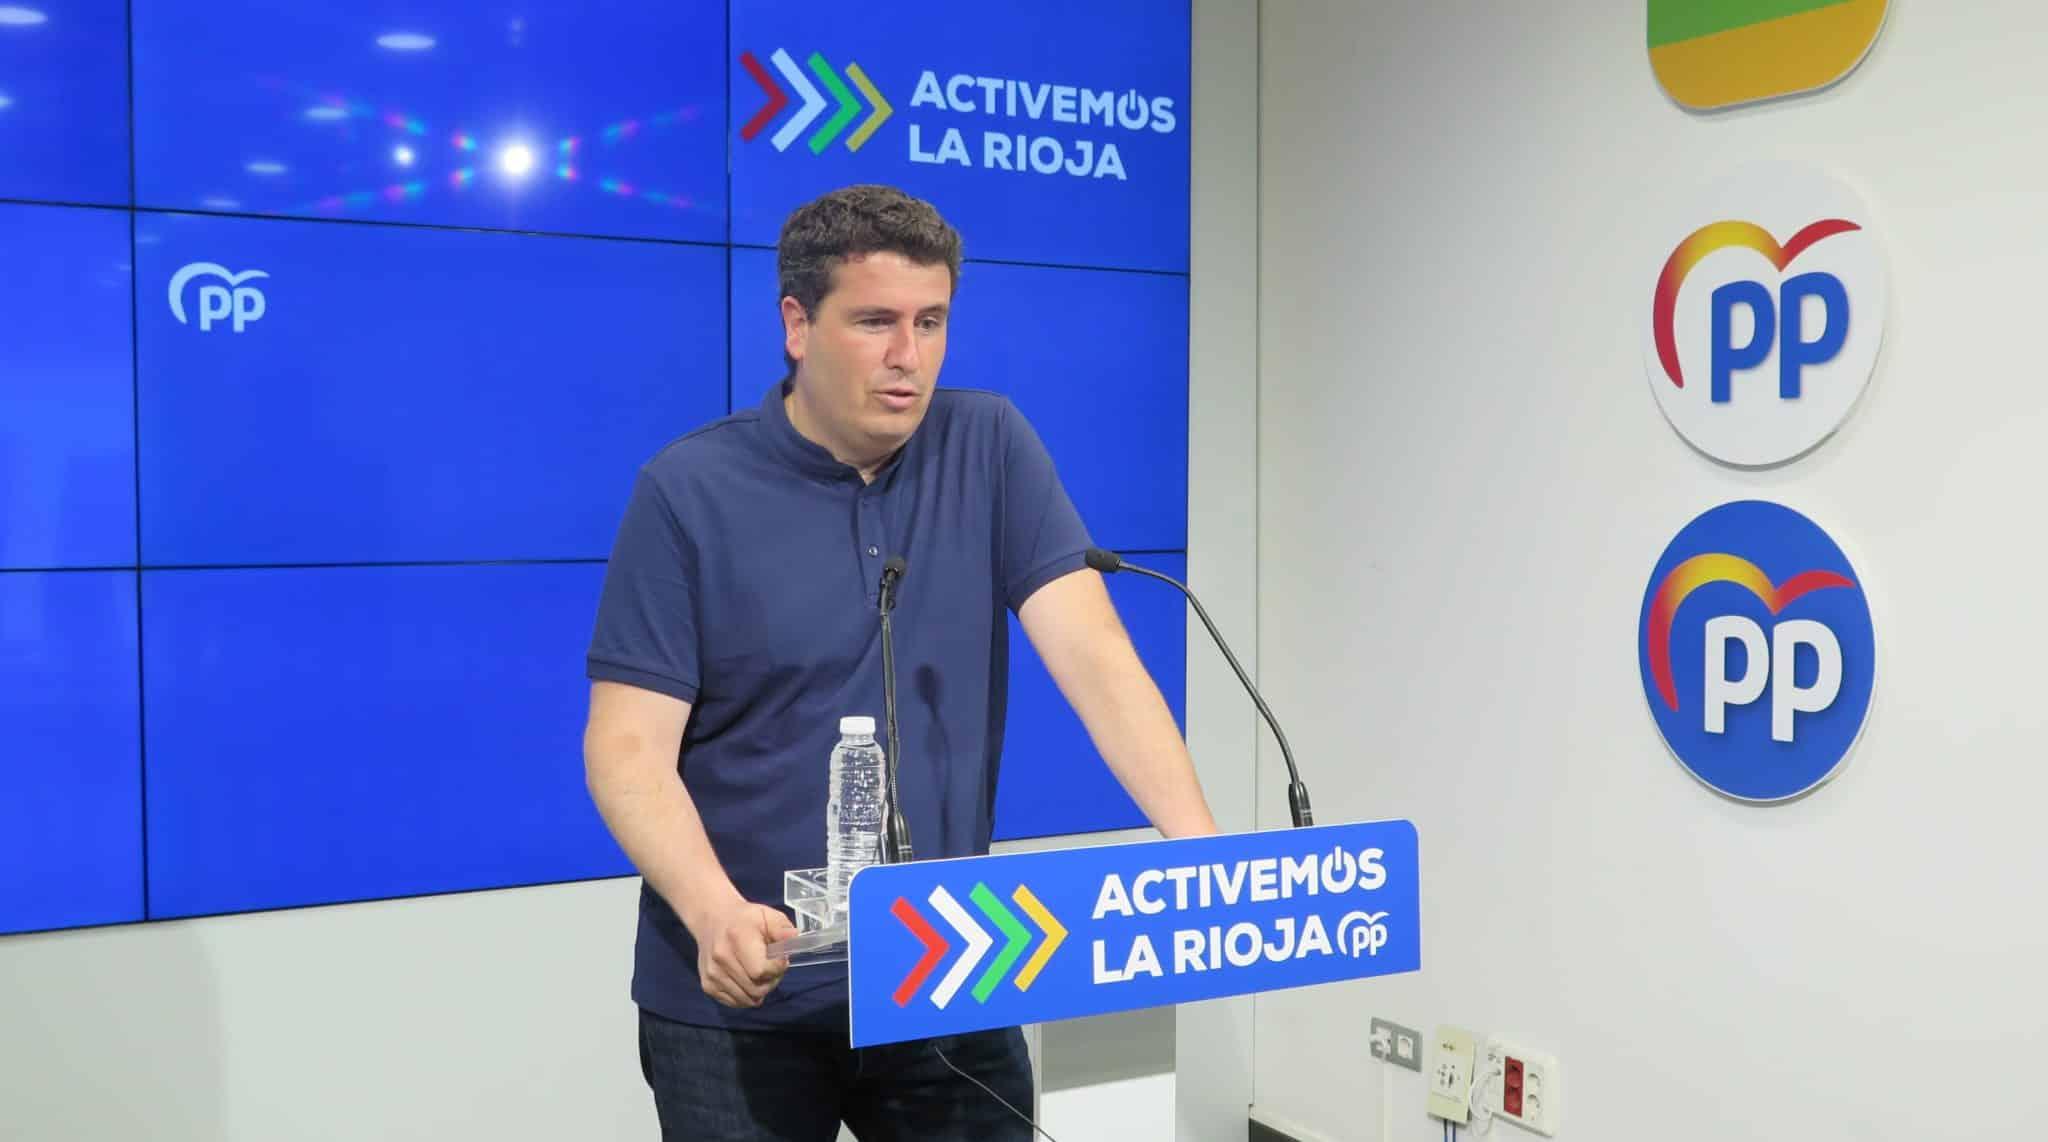 Diego Bengoa